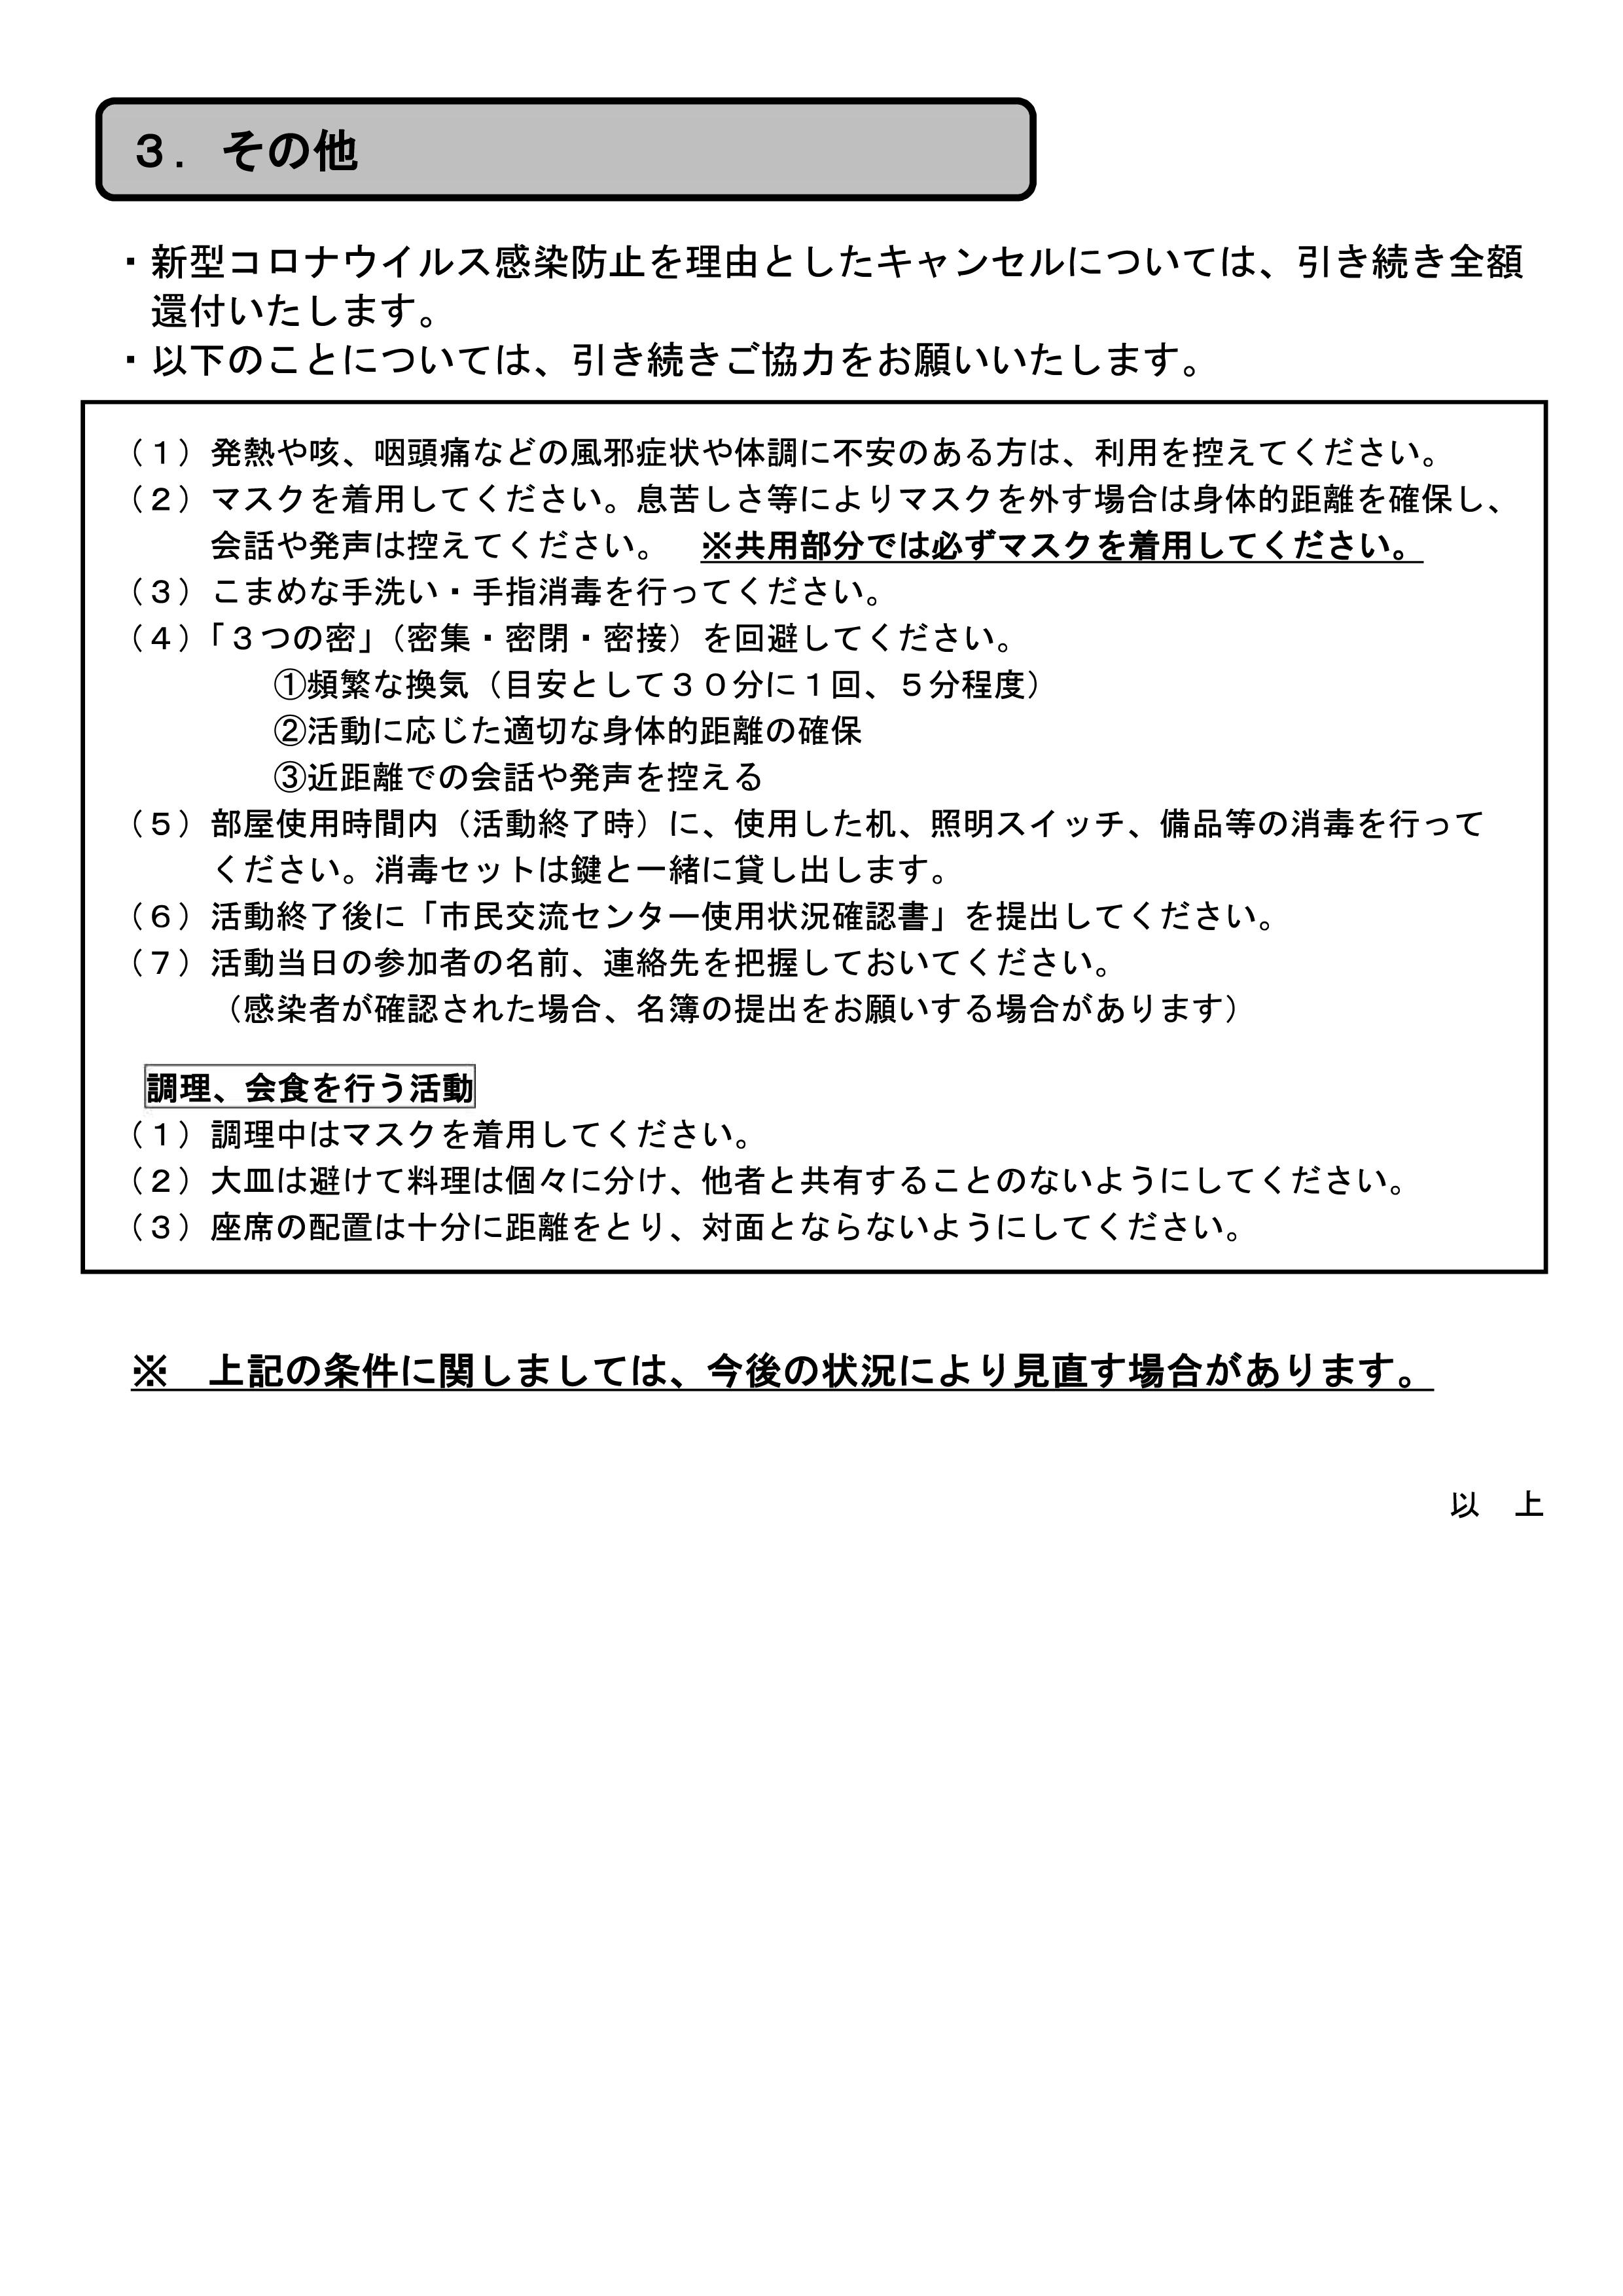 【団体向け案内】時間制限解除・人数制限緩和_20210308-2